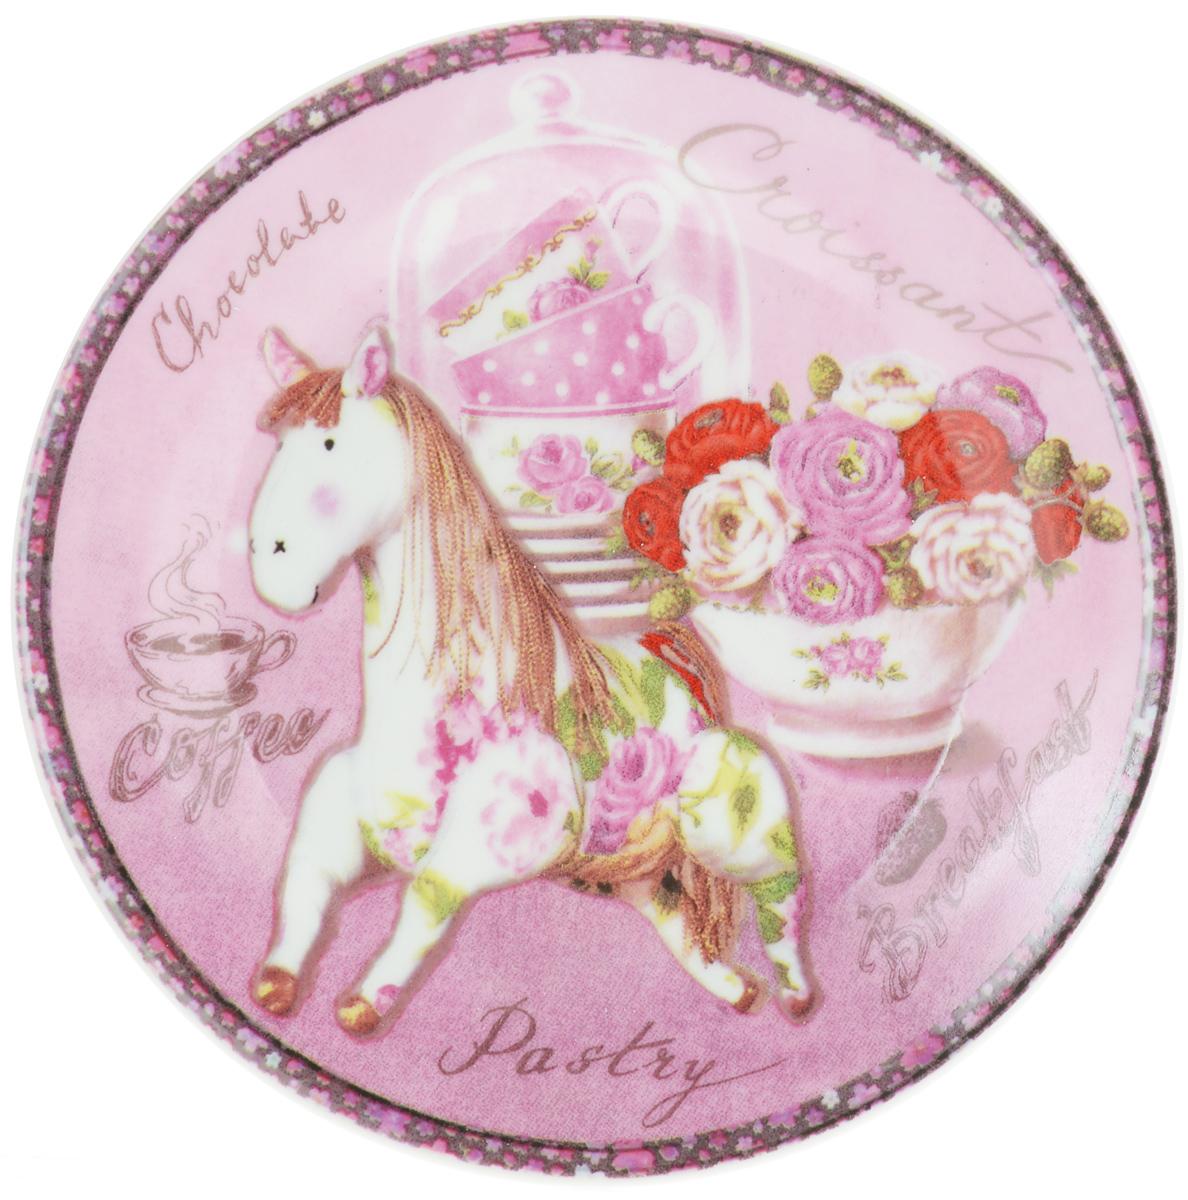 Тарелка декоративная Besko Завтрак, диаметр 18 см515-488_завтракДекоративная тарелка Besko Завтрак выполнена из высококачественной керамики, покрытой слоем сверкающей глазури. Изделие оформлено красочным изображением лошади и цветов. Такая тарелка украсит интерьер вашей кухни и подчеркнет прекрасный вкус хозяина, а также станет отличным подарком. Диаметр: 18 см. Высота: 2 см.